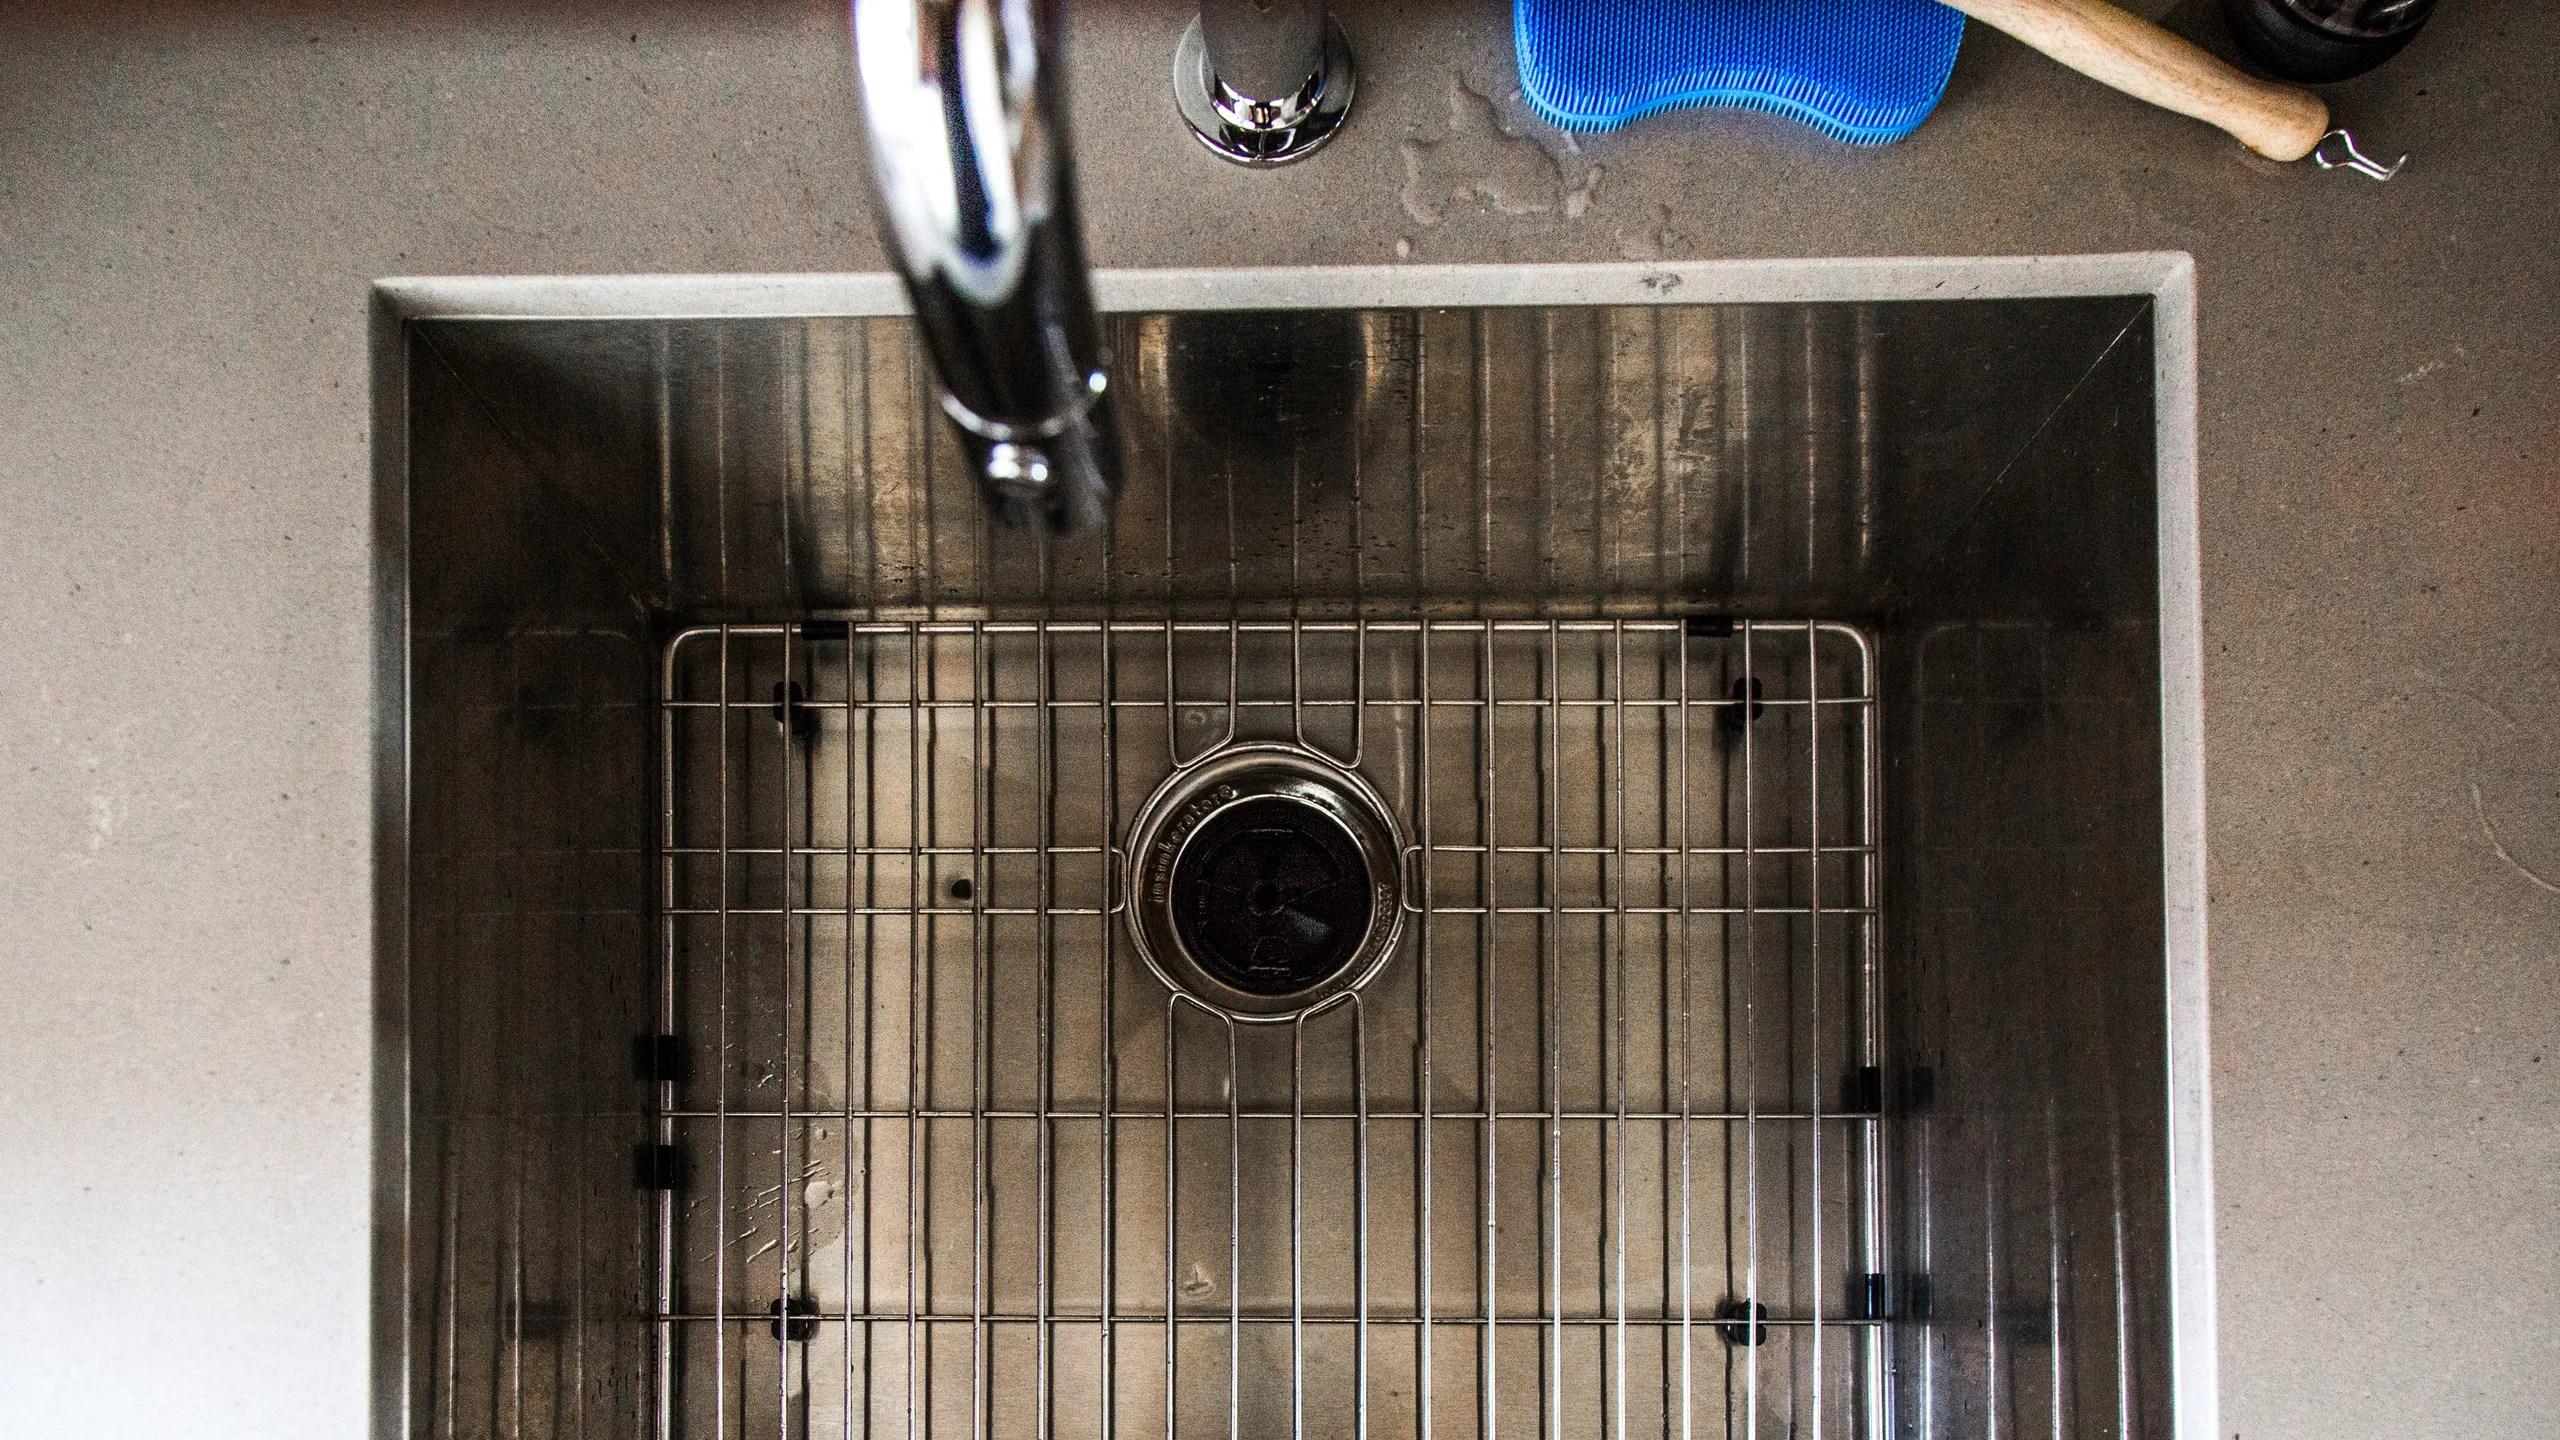 to clean your kitchen sink bon